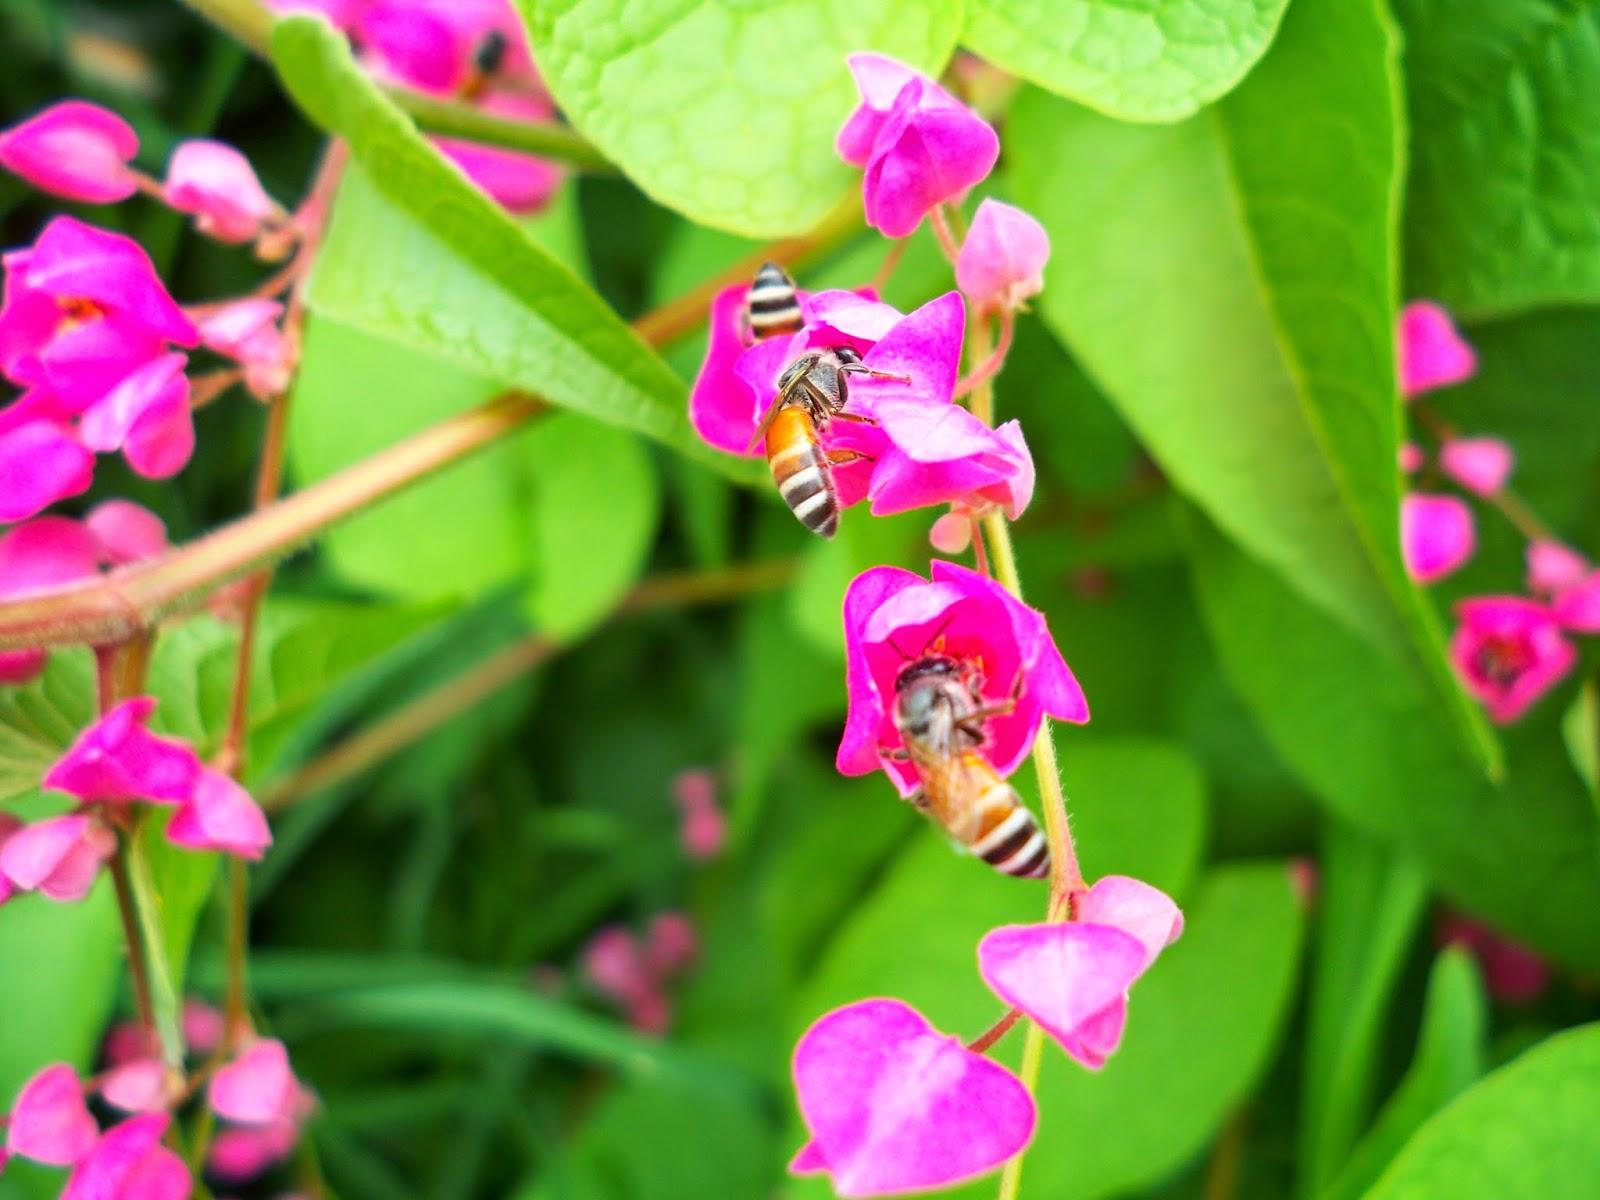 ผึ้งกับดอกไม้